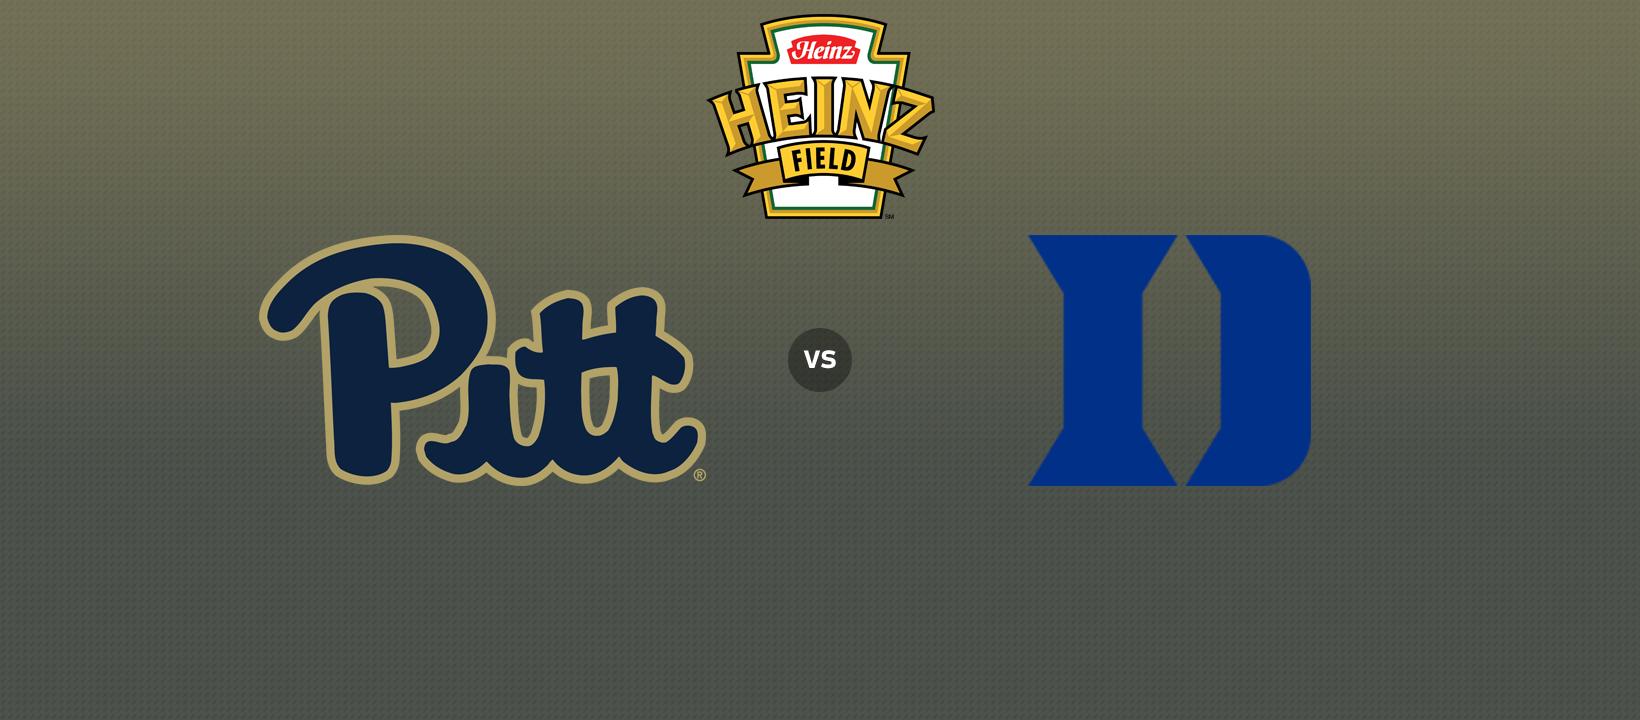 2018 Pitt vs. Duke